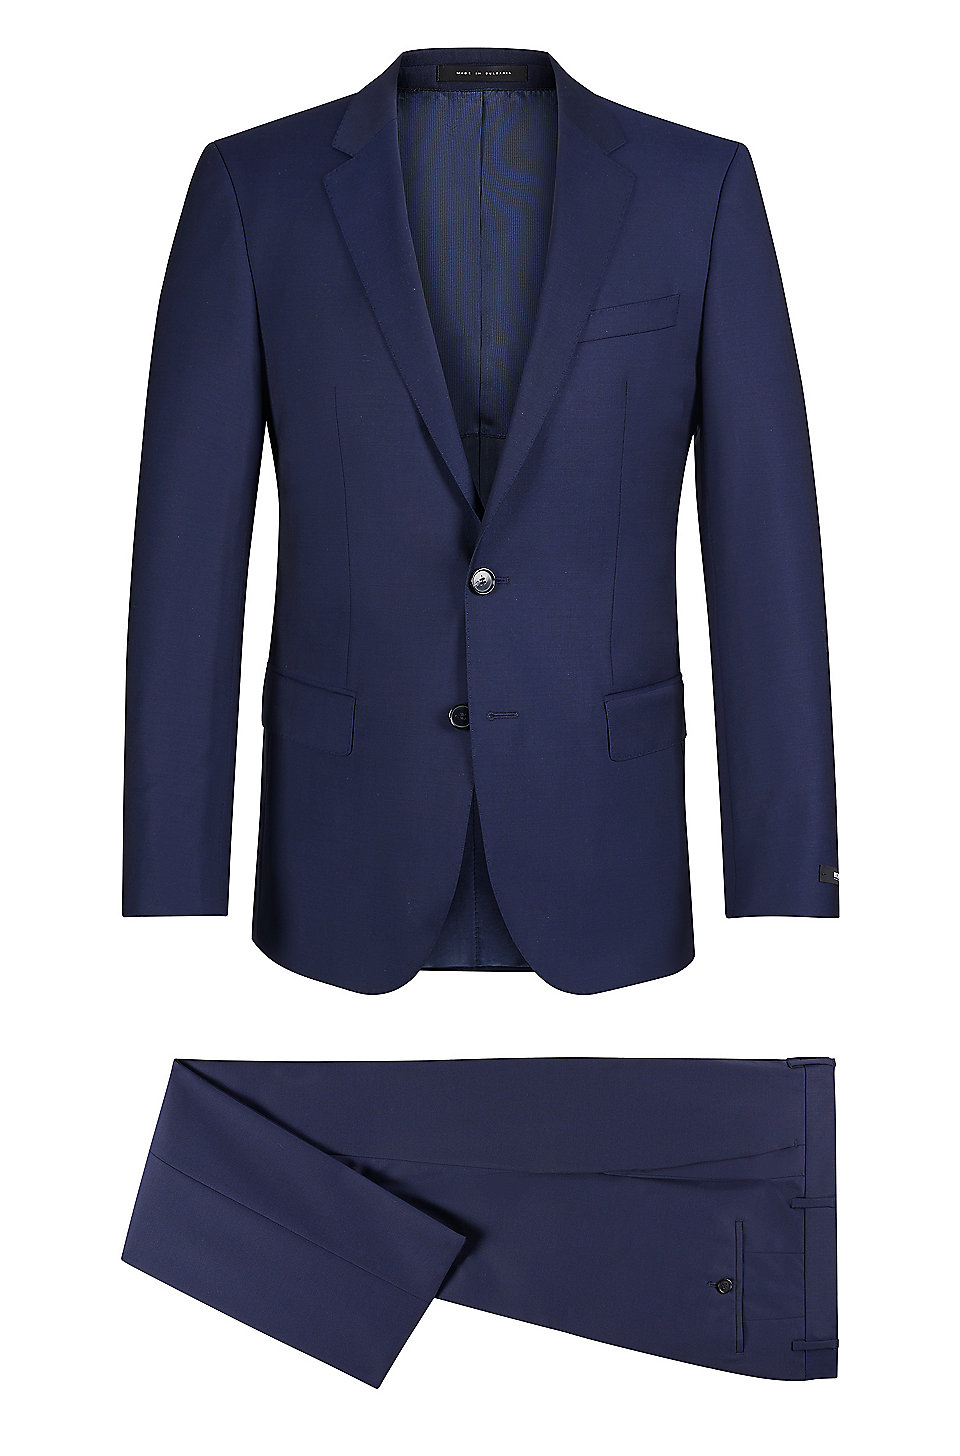 69ce42a5 BOSS - Italian Virgin Wool Suit, Slim Fit | Huge/Genius